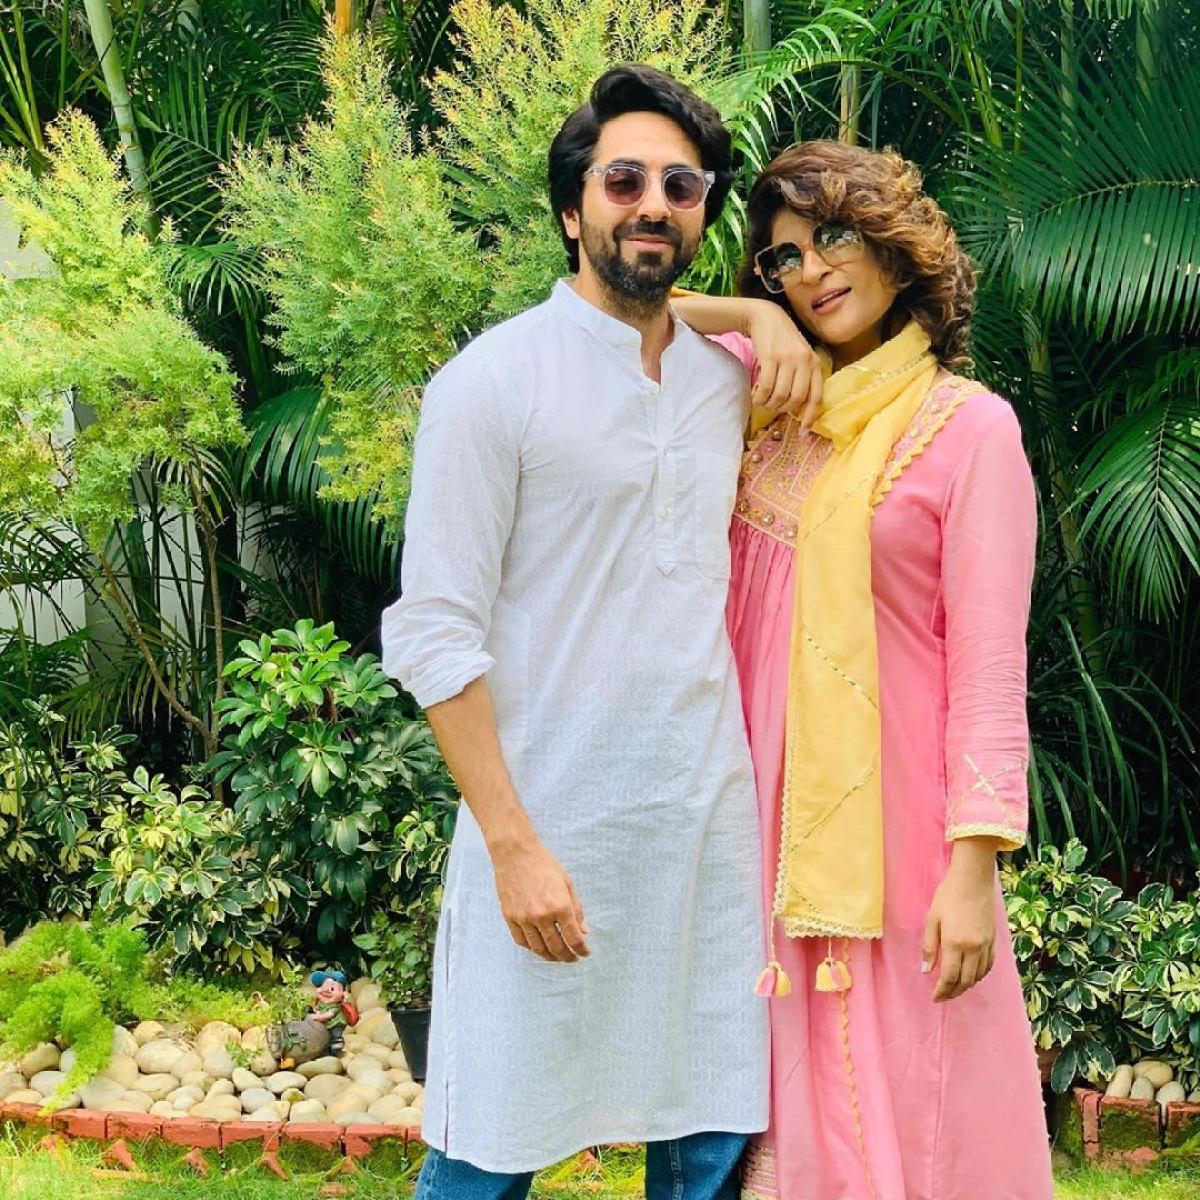 'Happy birthday soulmate': Tahira Kashyap's sweet birthday wish for Ayushmann Khurrana